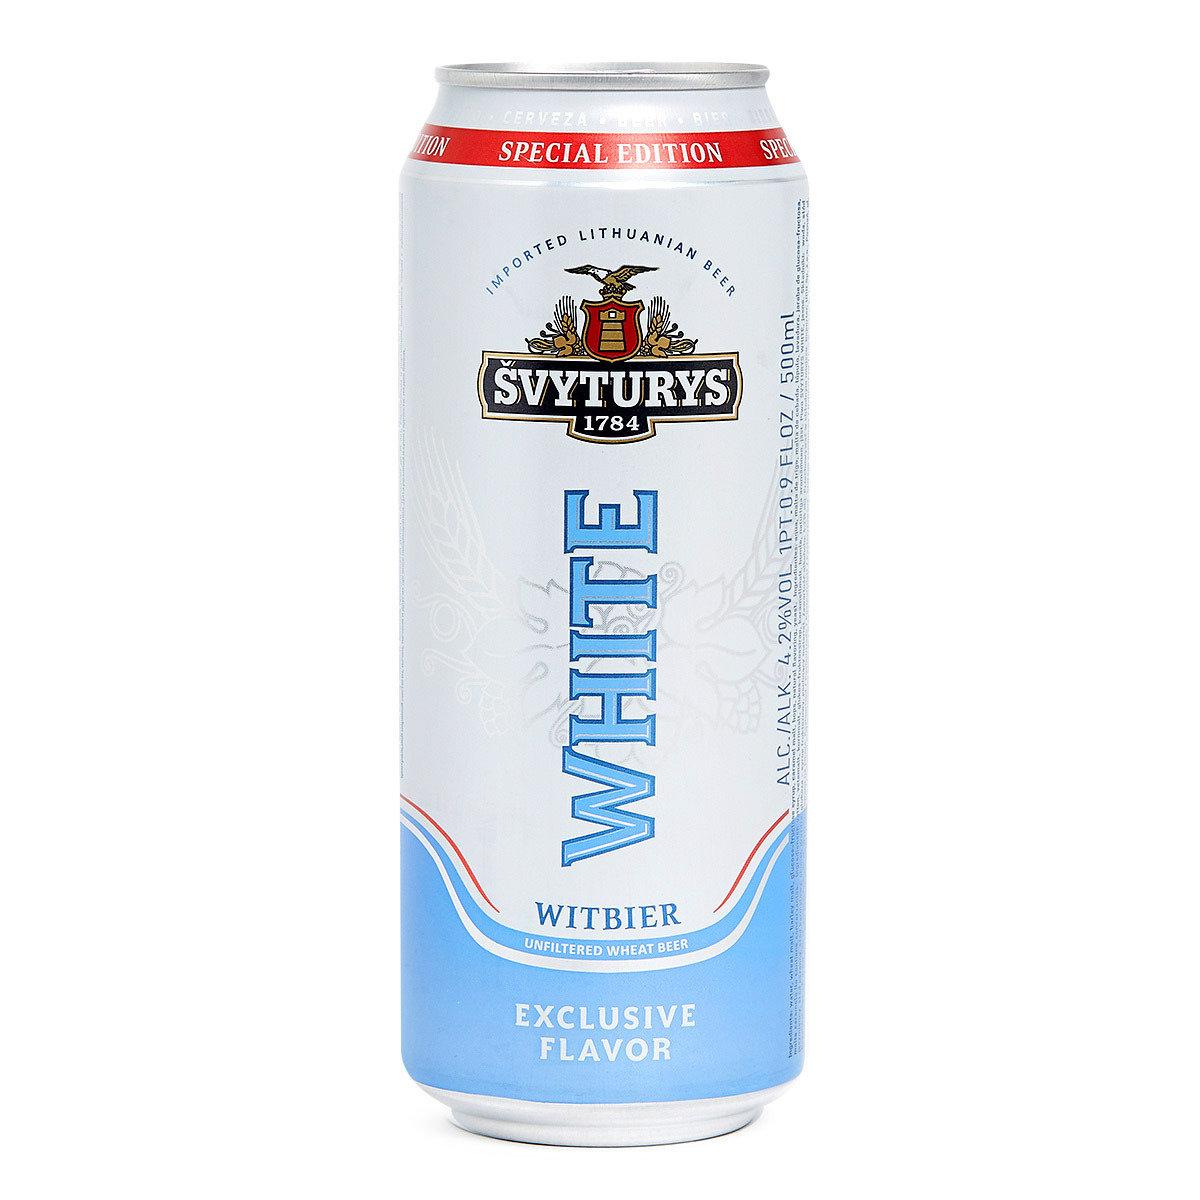 手工啤酒 - 花香白啤